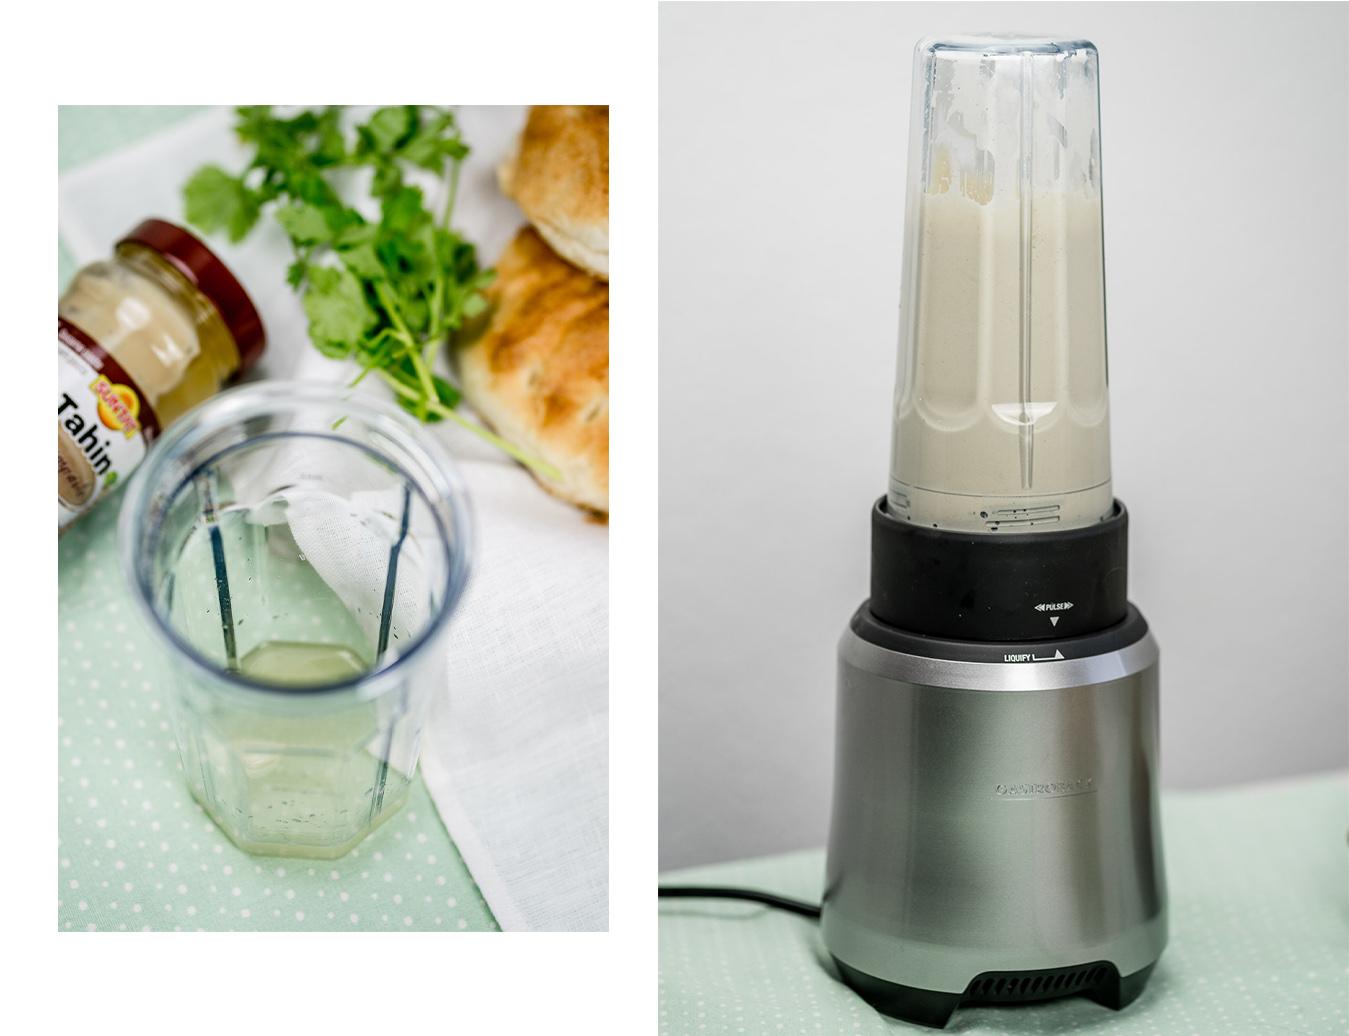 Gastroback Blender